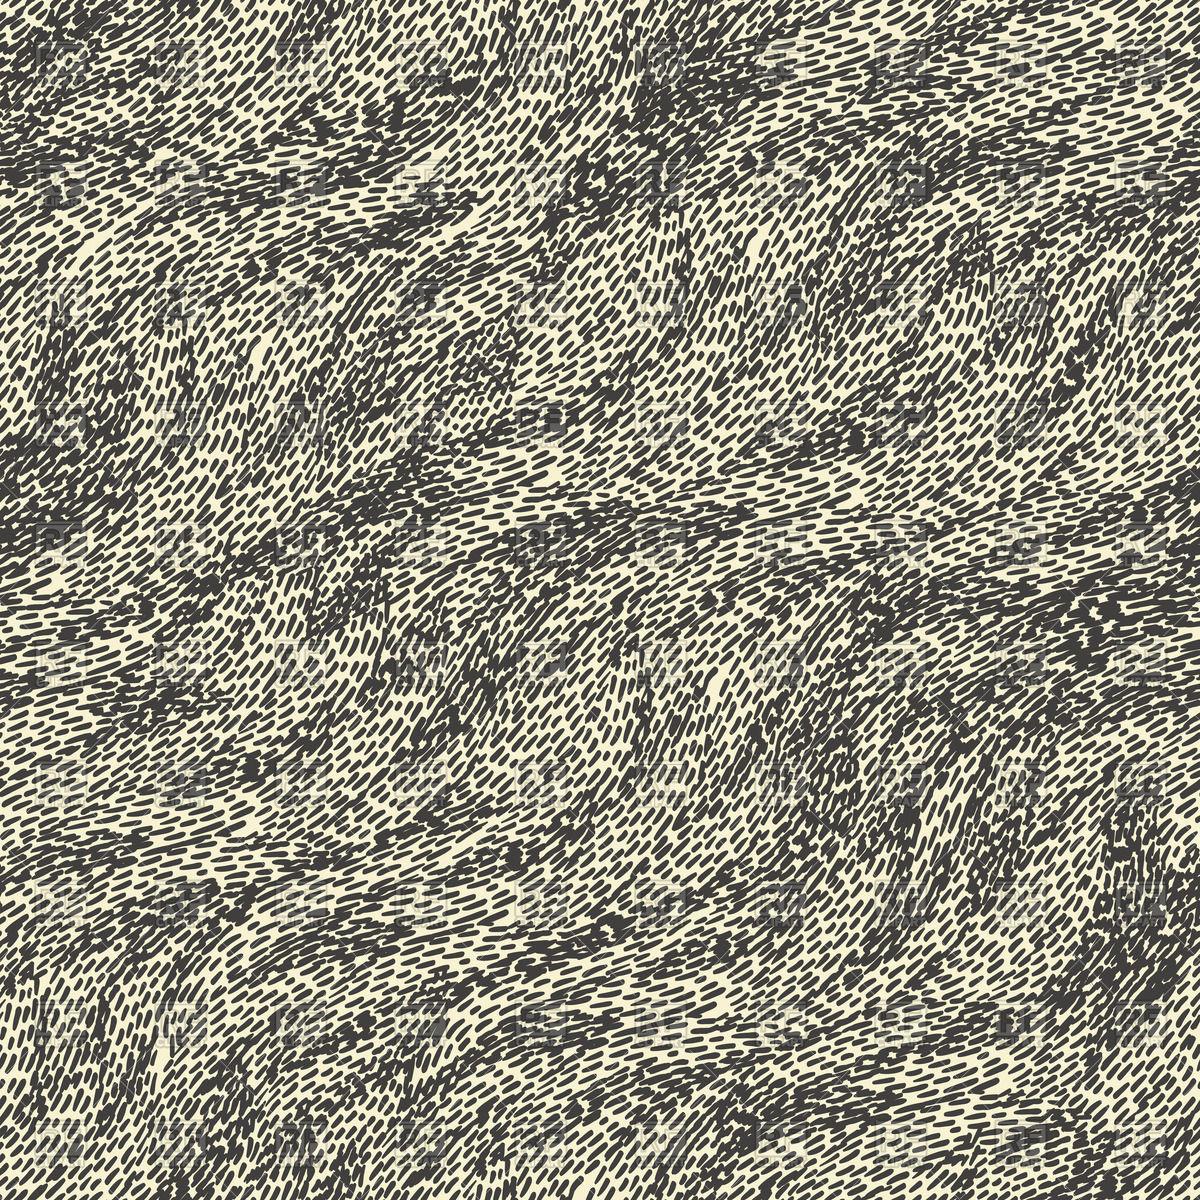 Seamless rugged pattern.